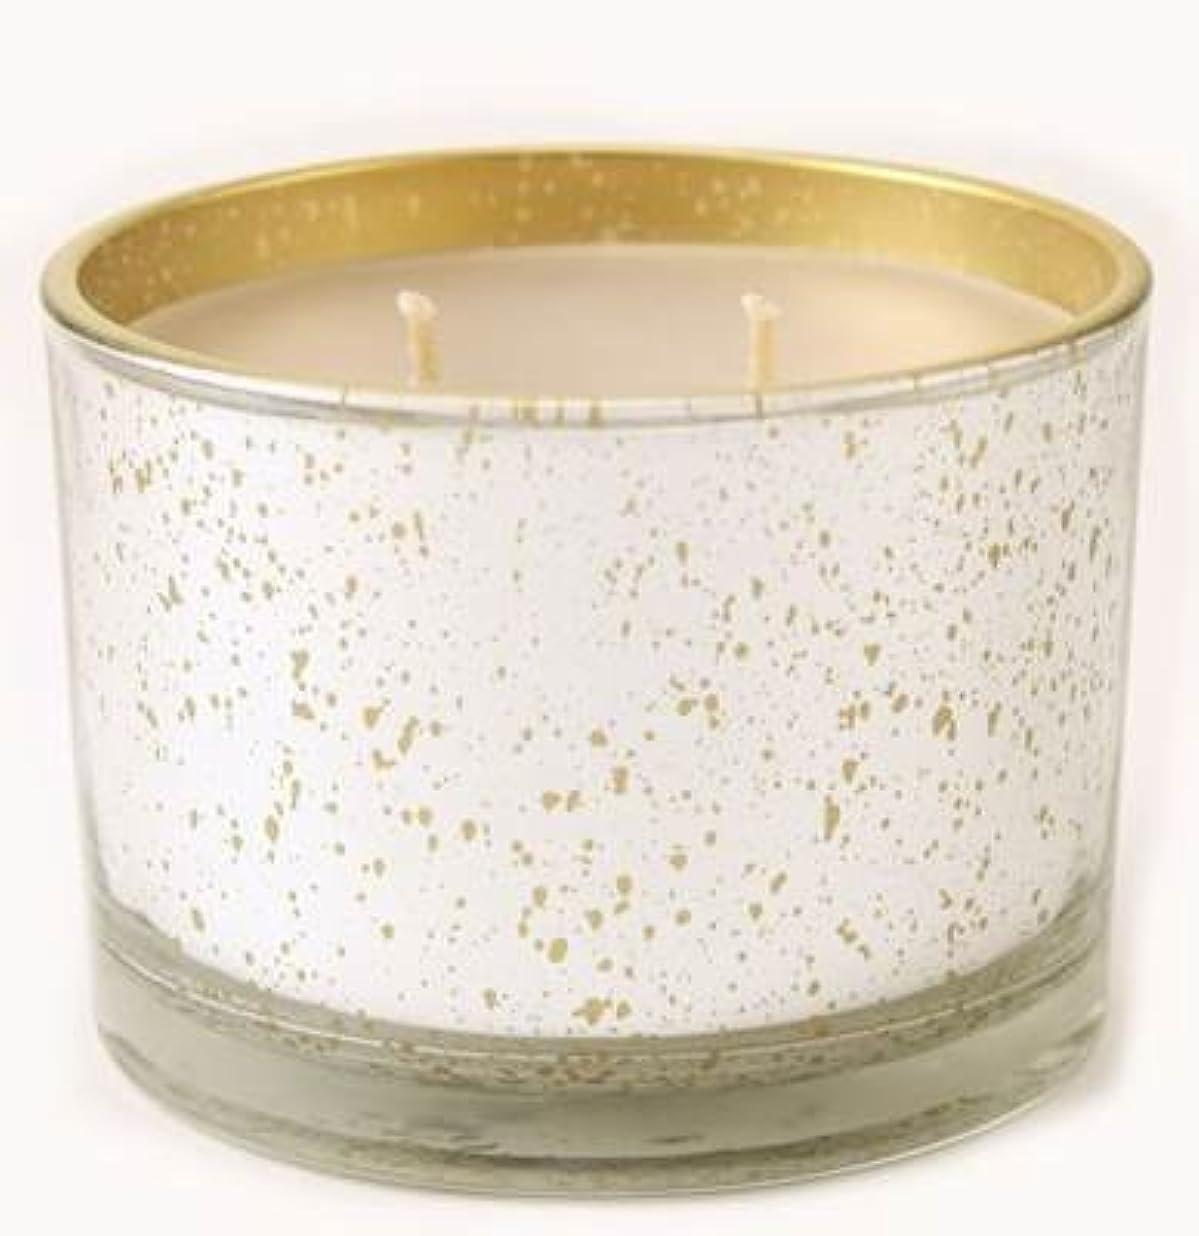 抑圧する閉じる起きているKathina Tyler Statureプラチナにゴールド16oz香りつきJar Candle